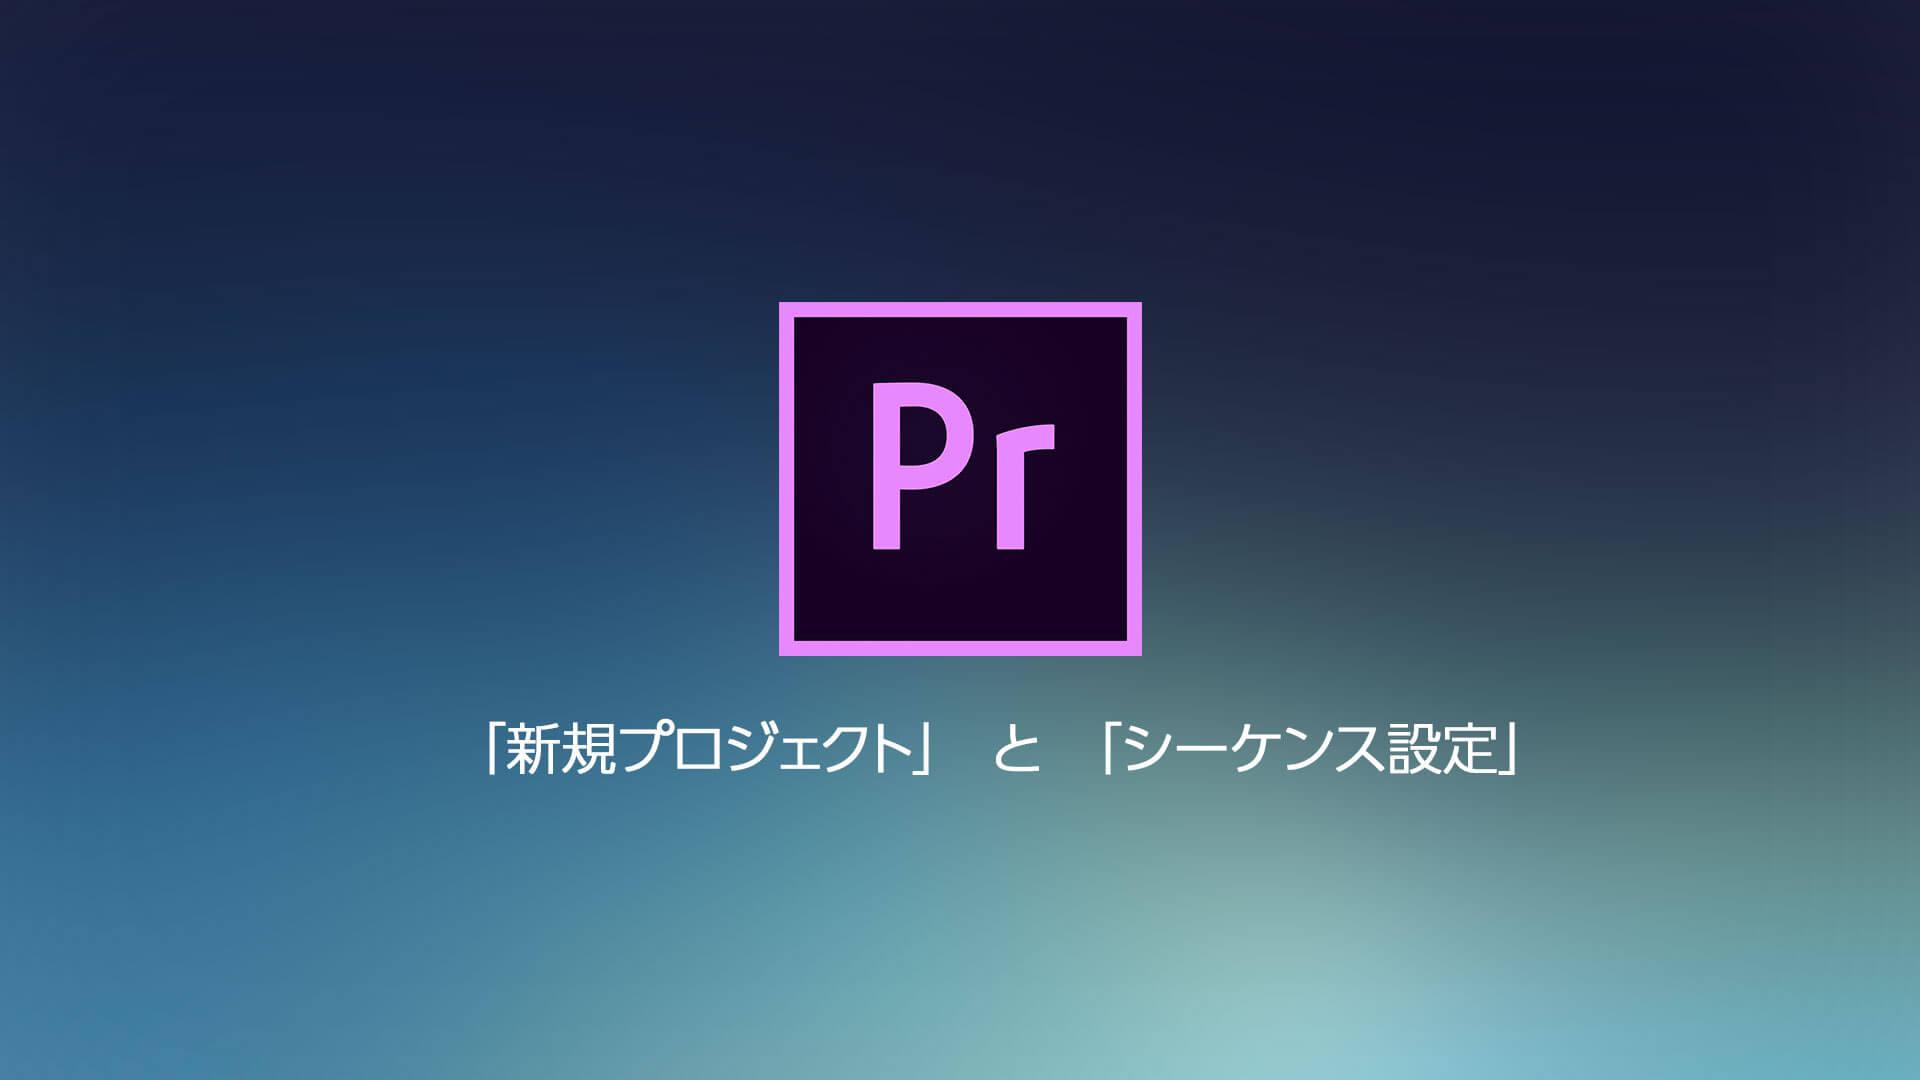 Photo of [Premiere Pro] 編集を始めてみよう!プロジェクトの新規作成とシーケンス設定